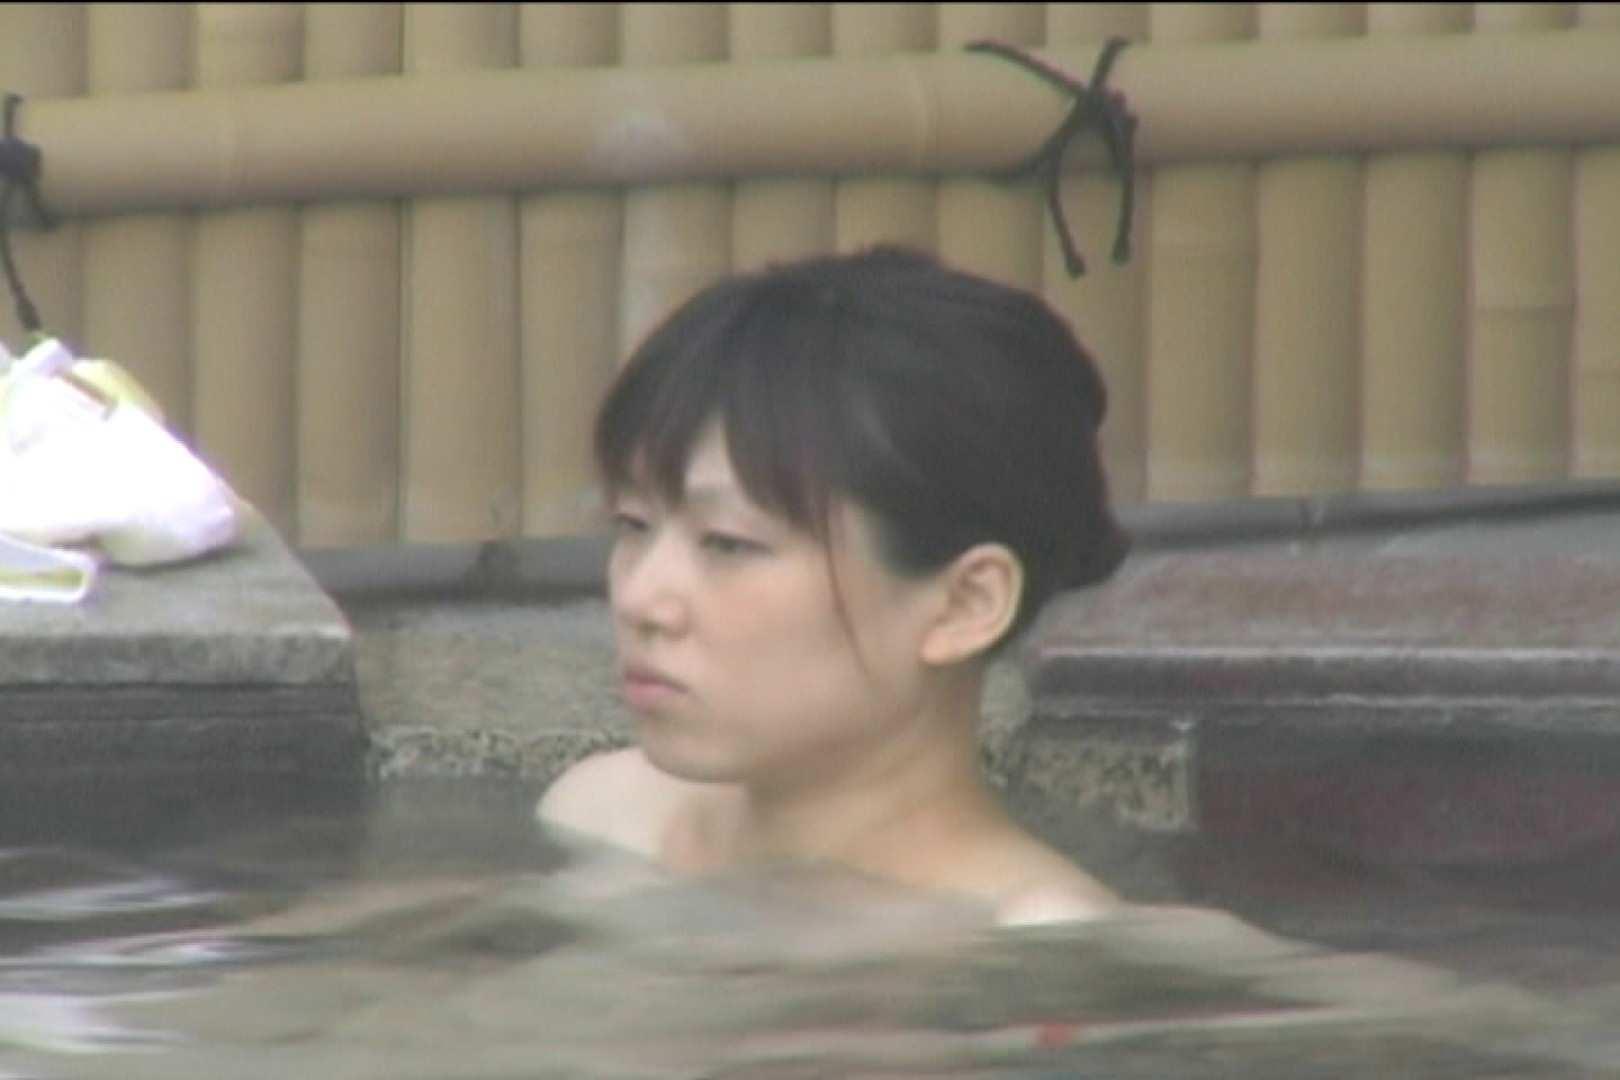 Aquaな露天風呂Vol.121 盗撮師作品 おめこ無修正画像 105pic 44